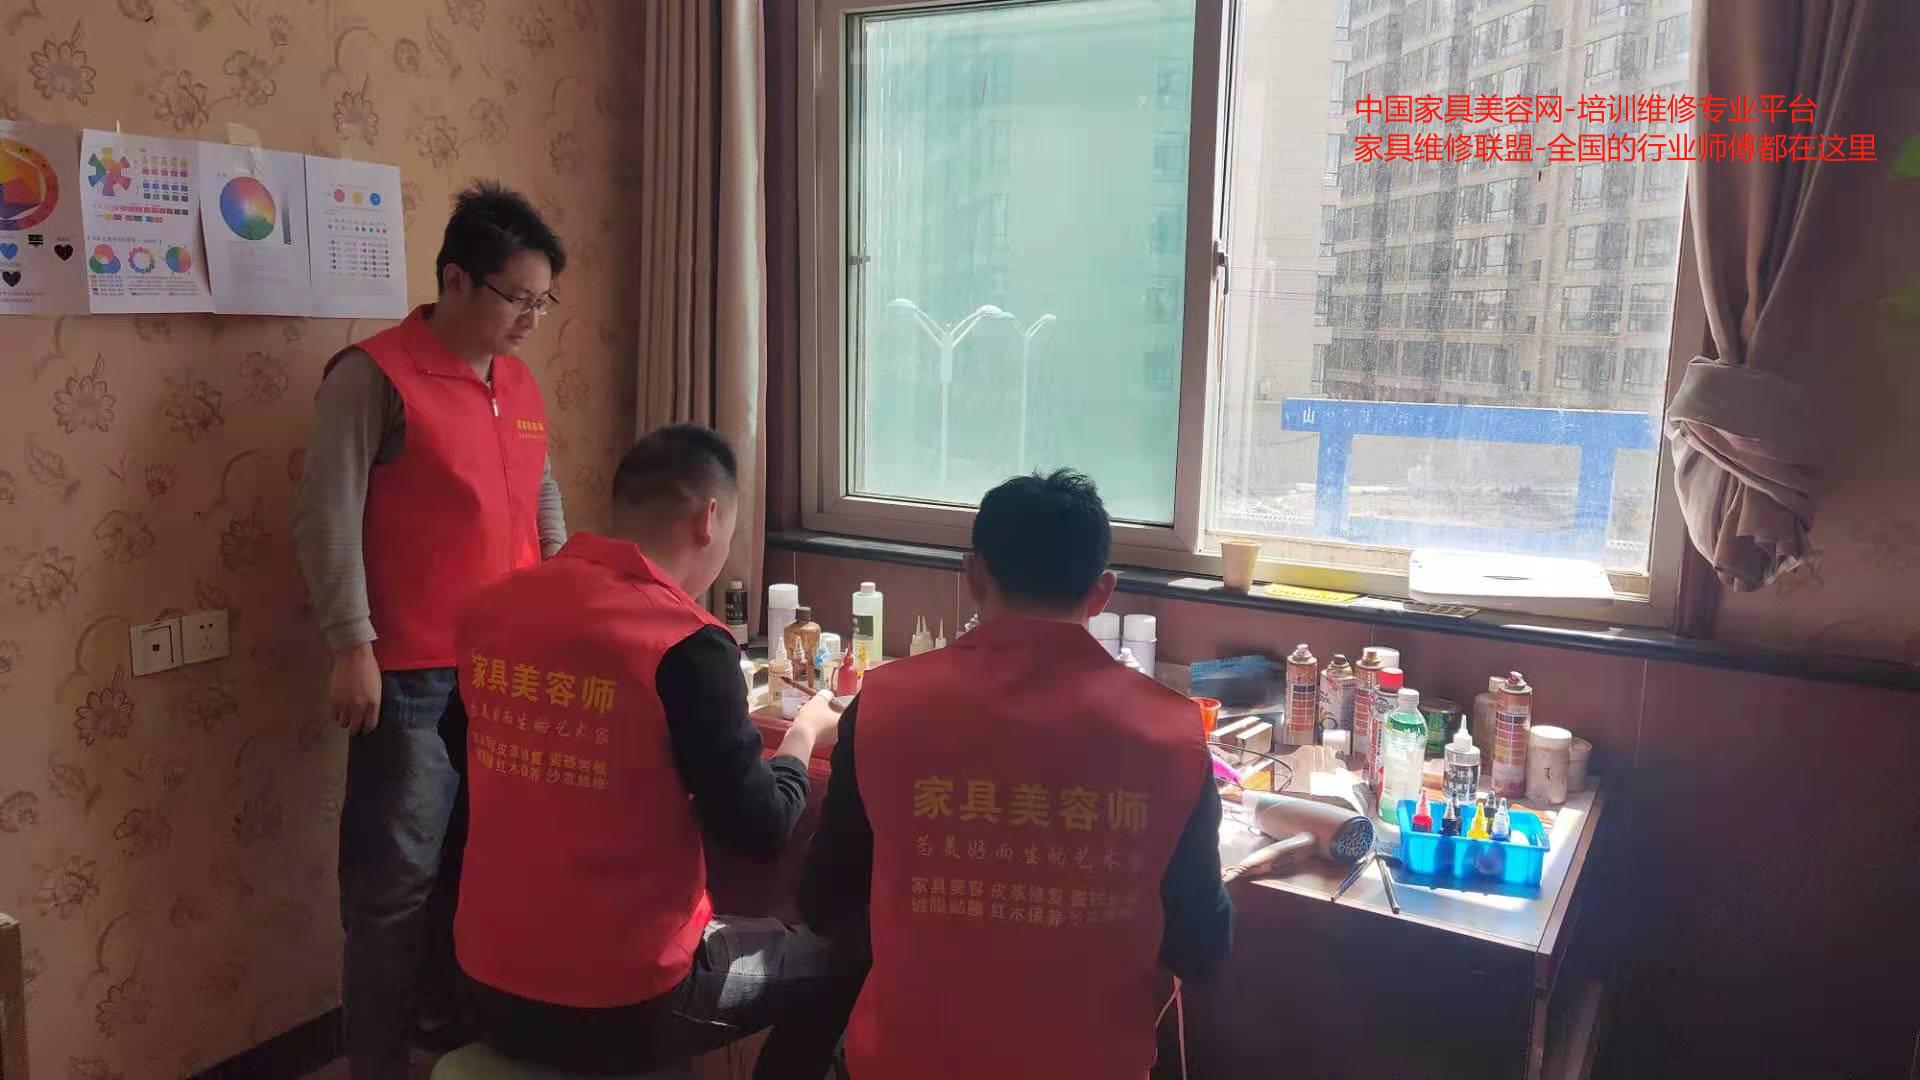 东方红家具修复技巧及要点和新型修复快速调色培训班再次起航!